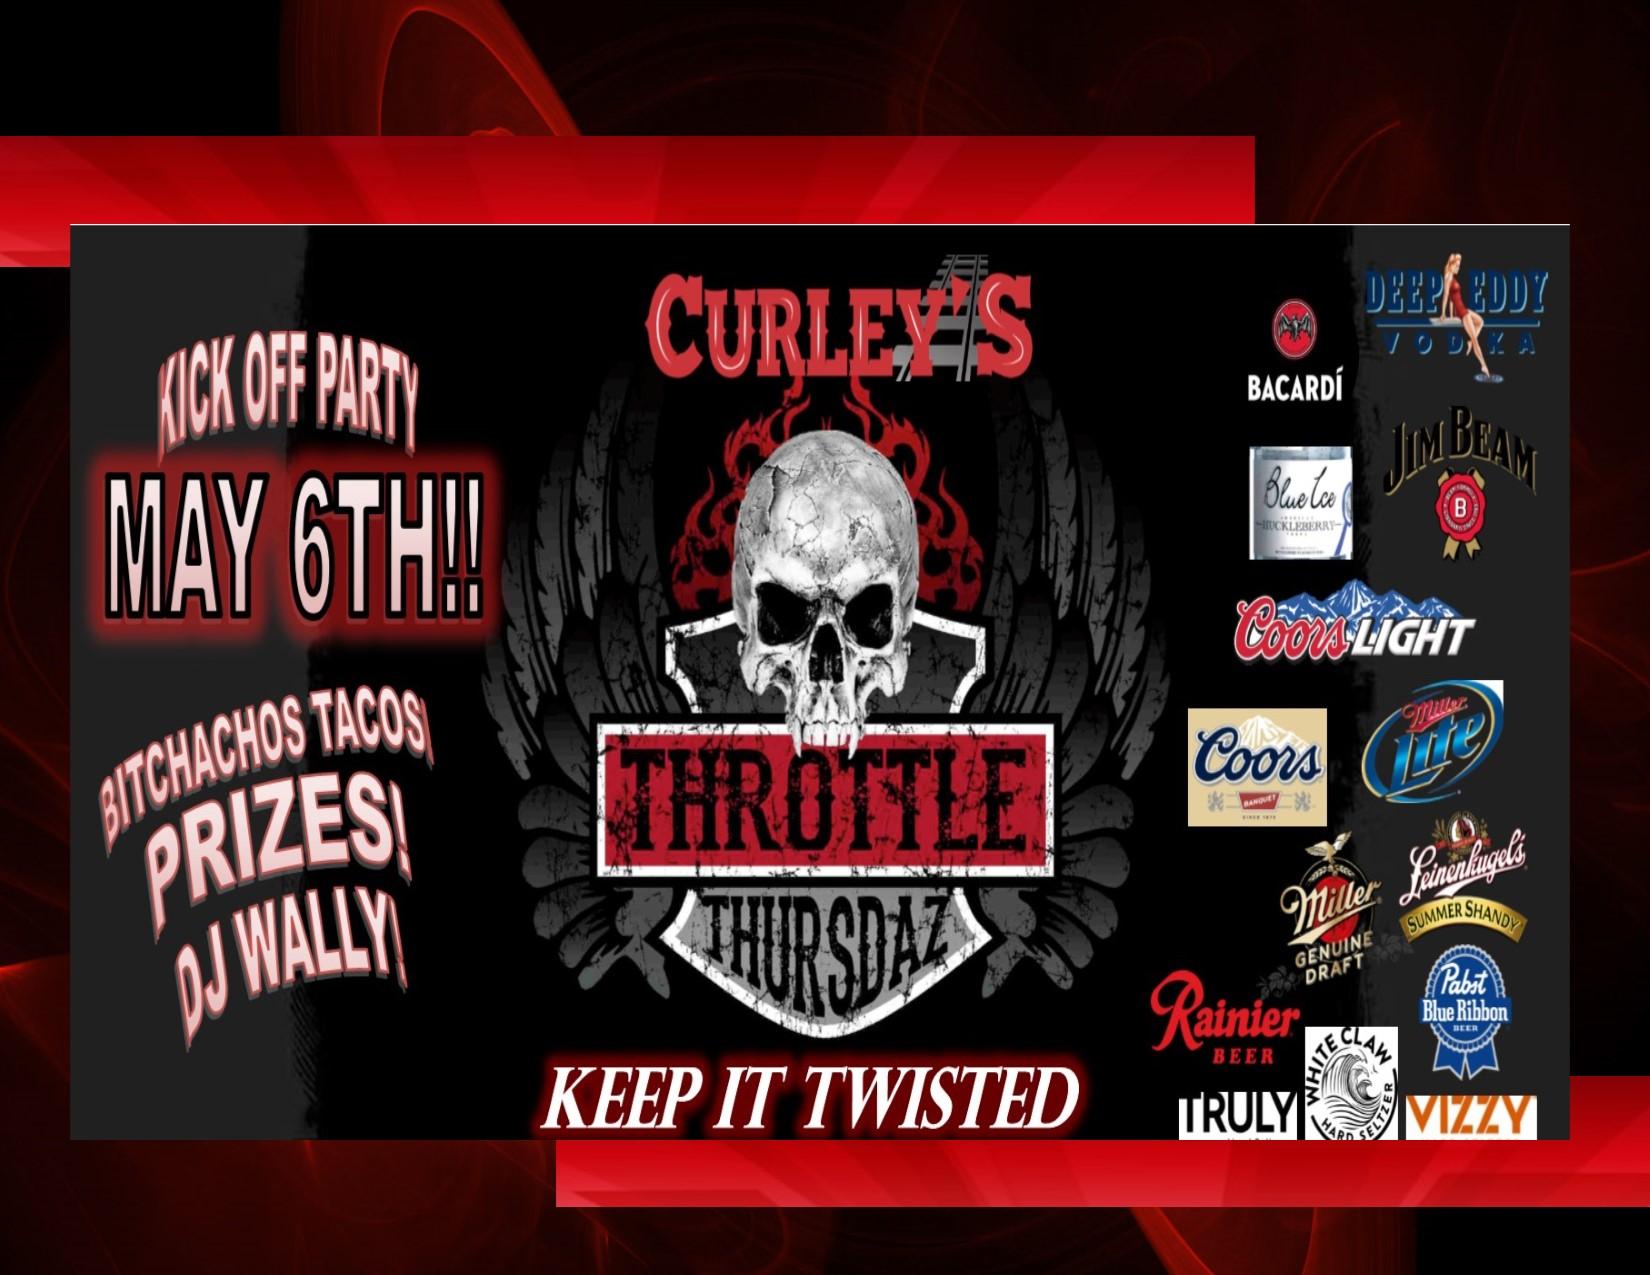 Curley's Throttle Thursdaz